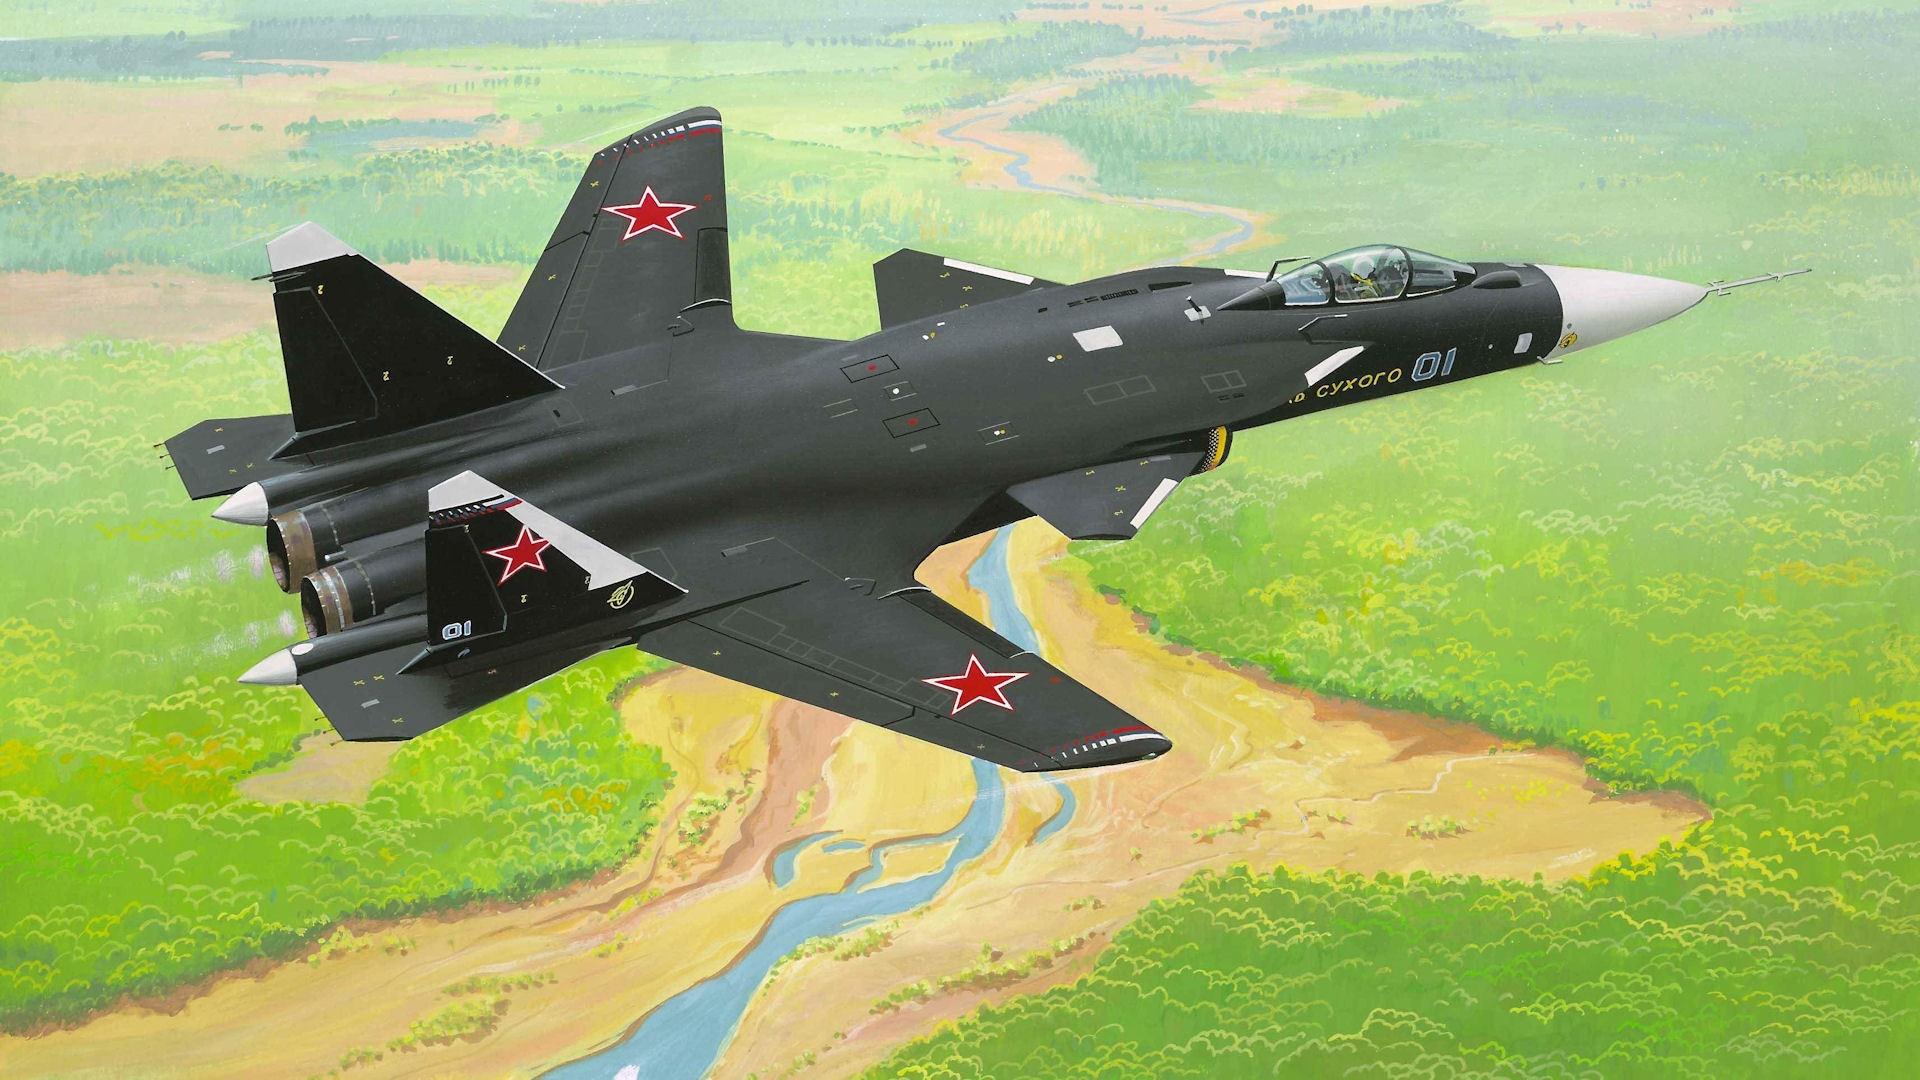 картинки с самолетами военными очень мало фотографий